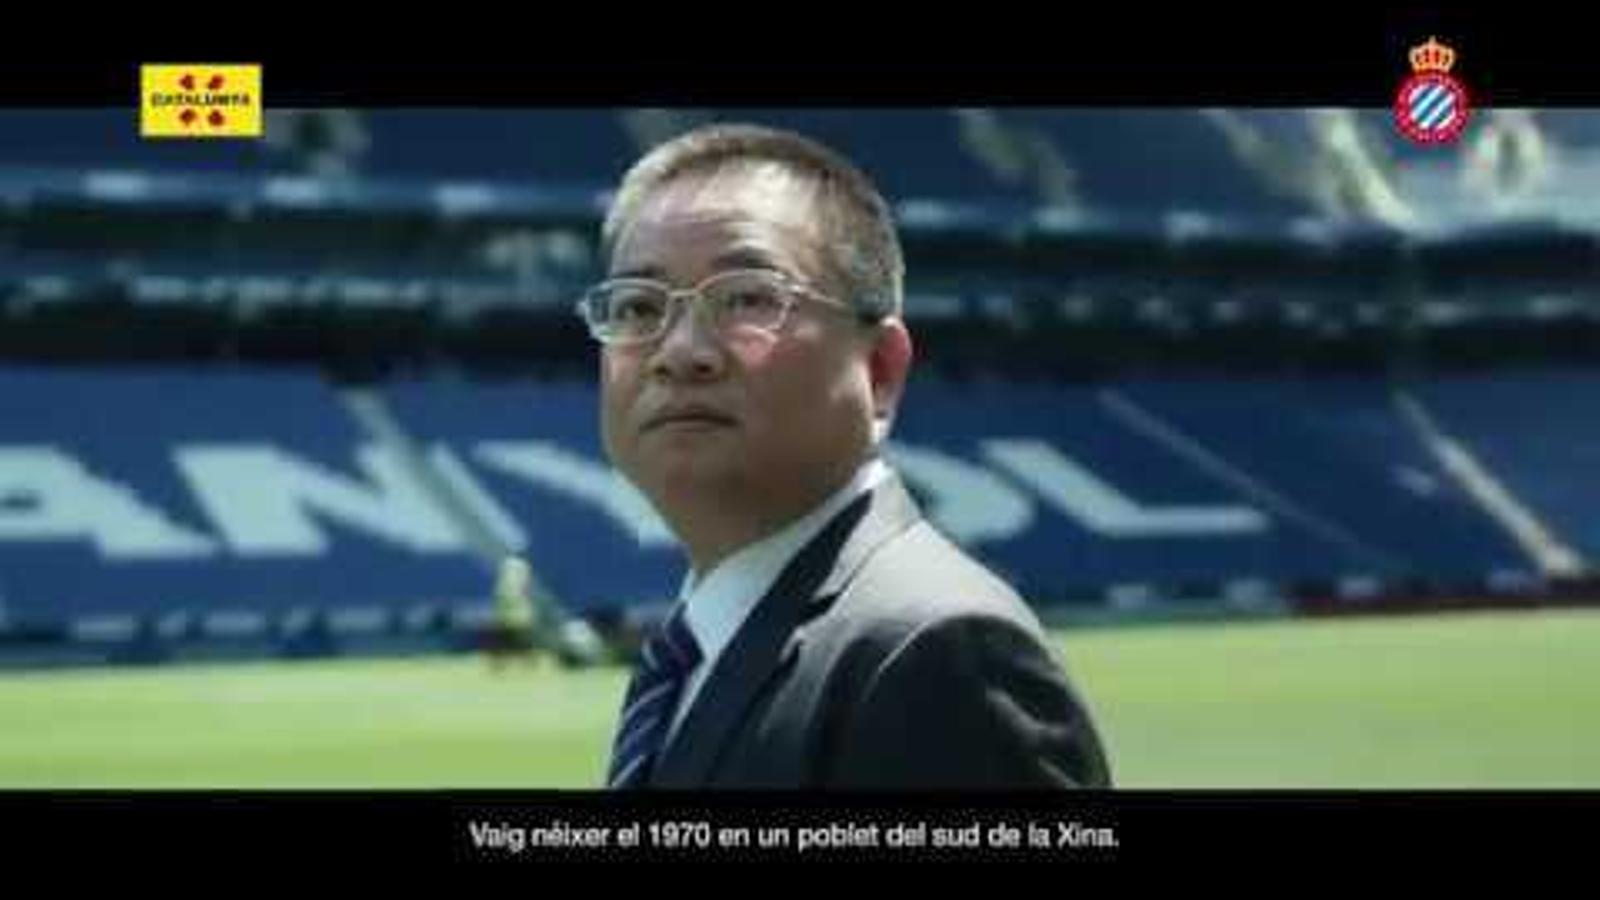 El president de l'Espanyol,  Chen Yansheng, promociona Catalunya a la Xina